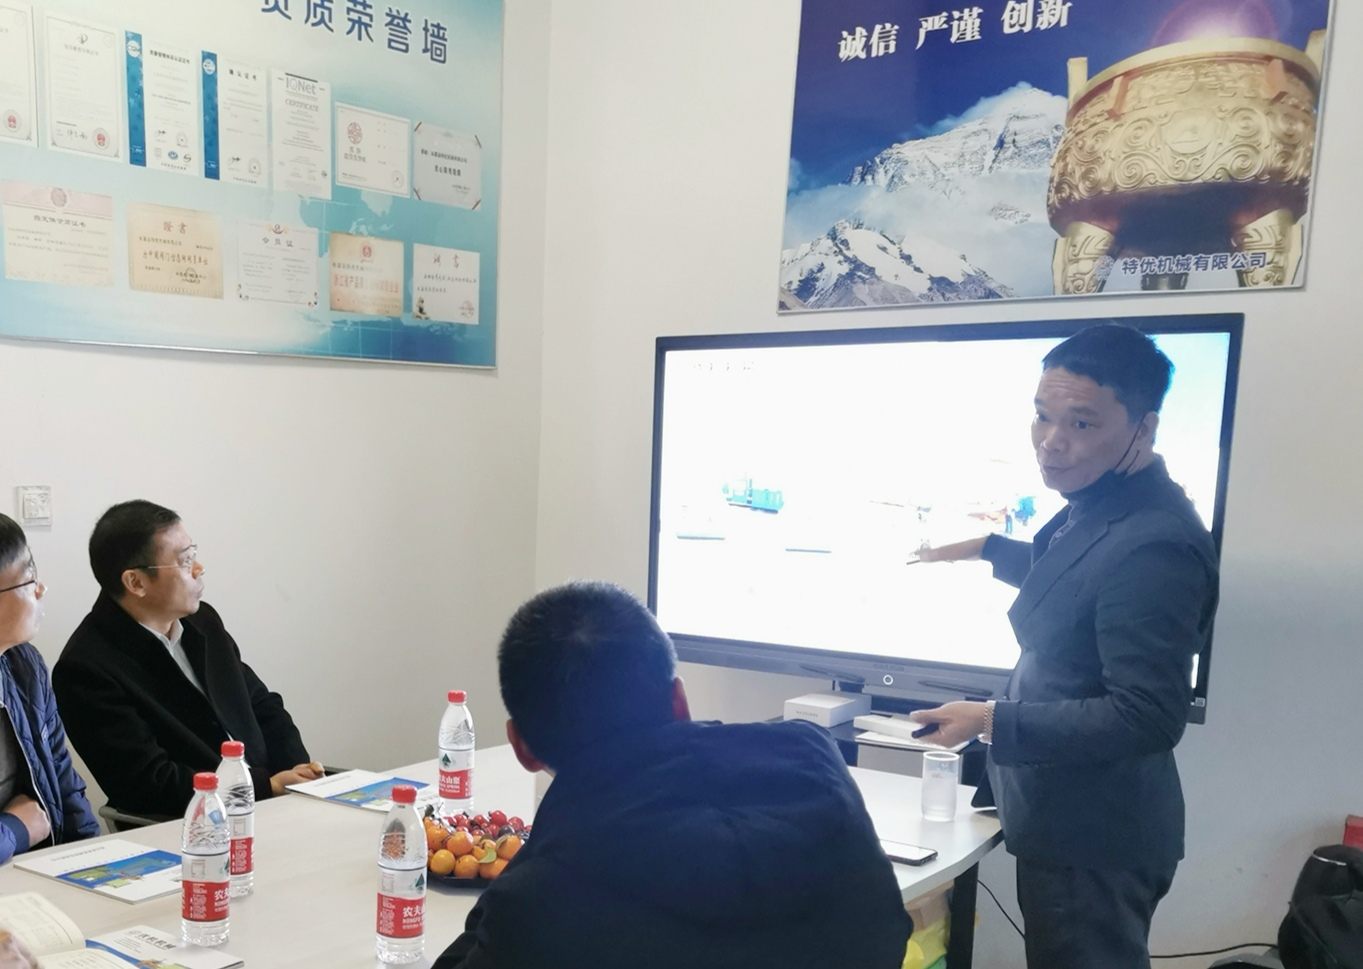 永嘉县政协副主席黄天集一行走访浙江优机机械科技公司